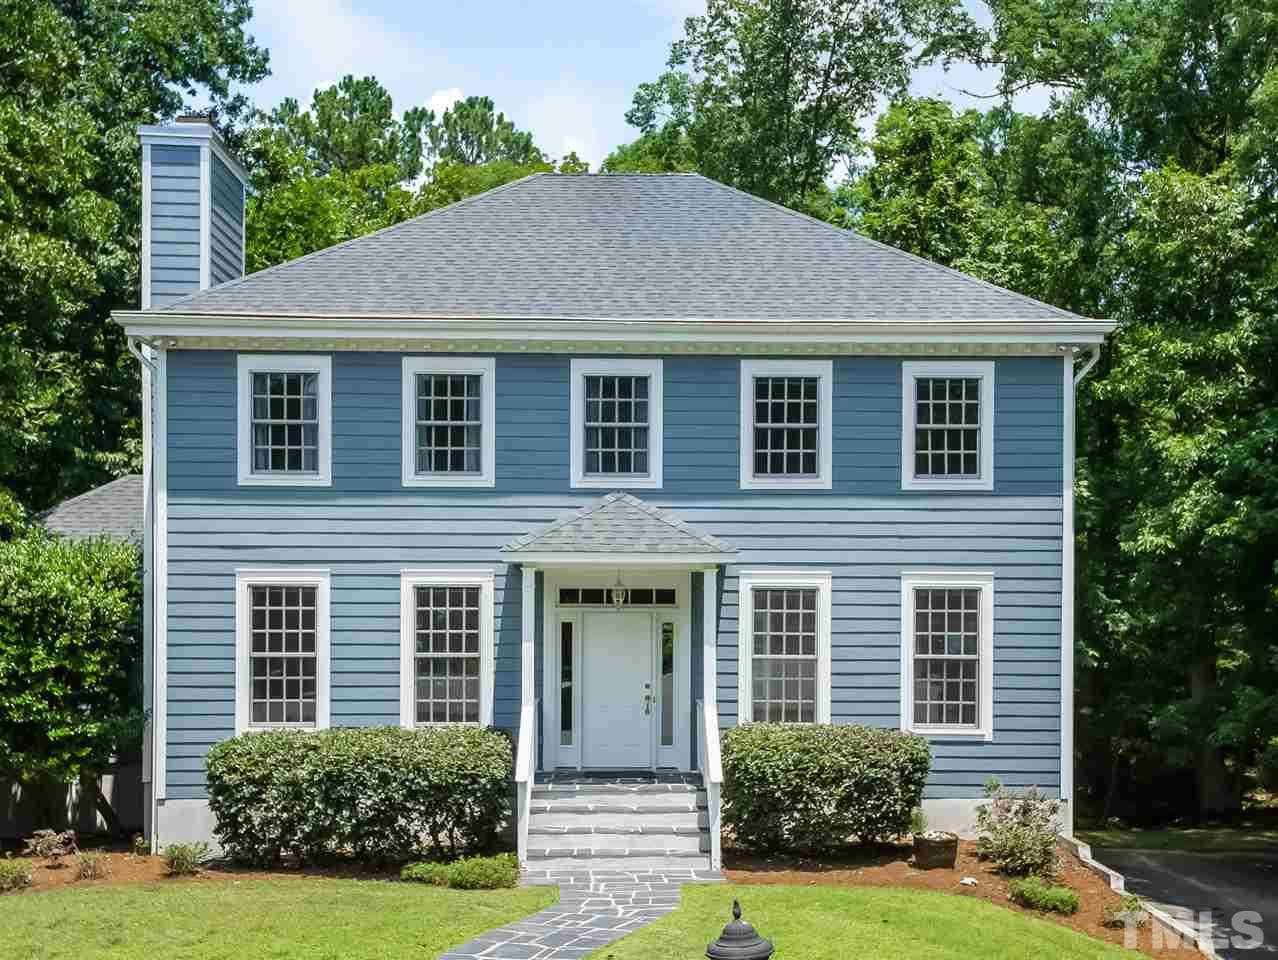 $564,900 - 3Br/4Ba -  for Sale in The Oaks, Chapel Hill